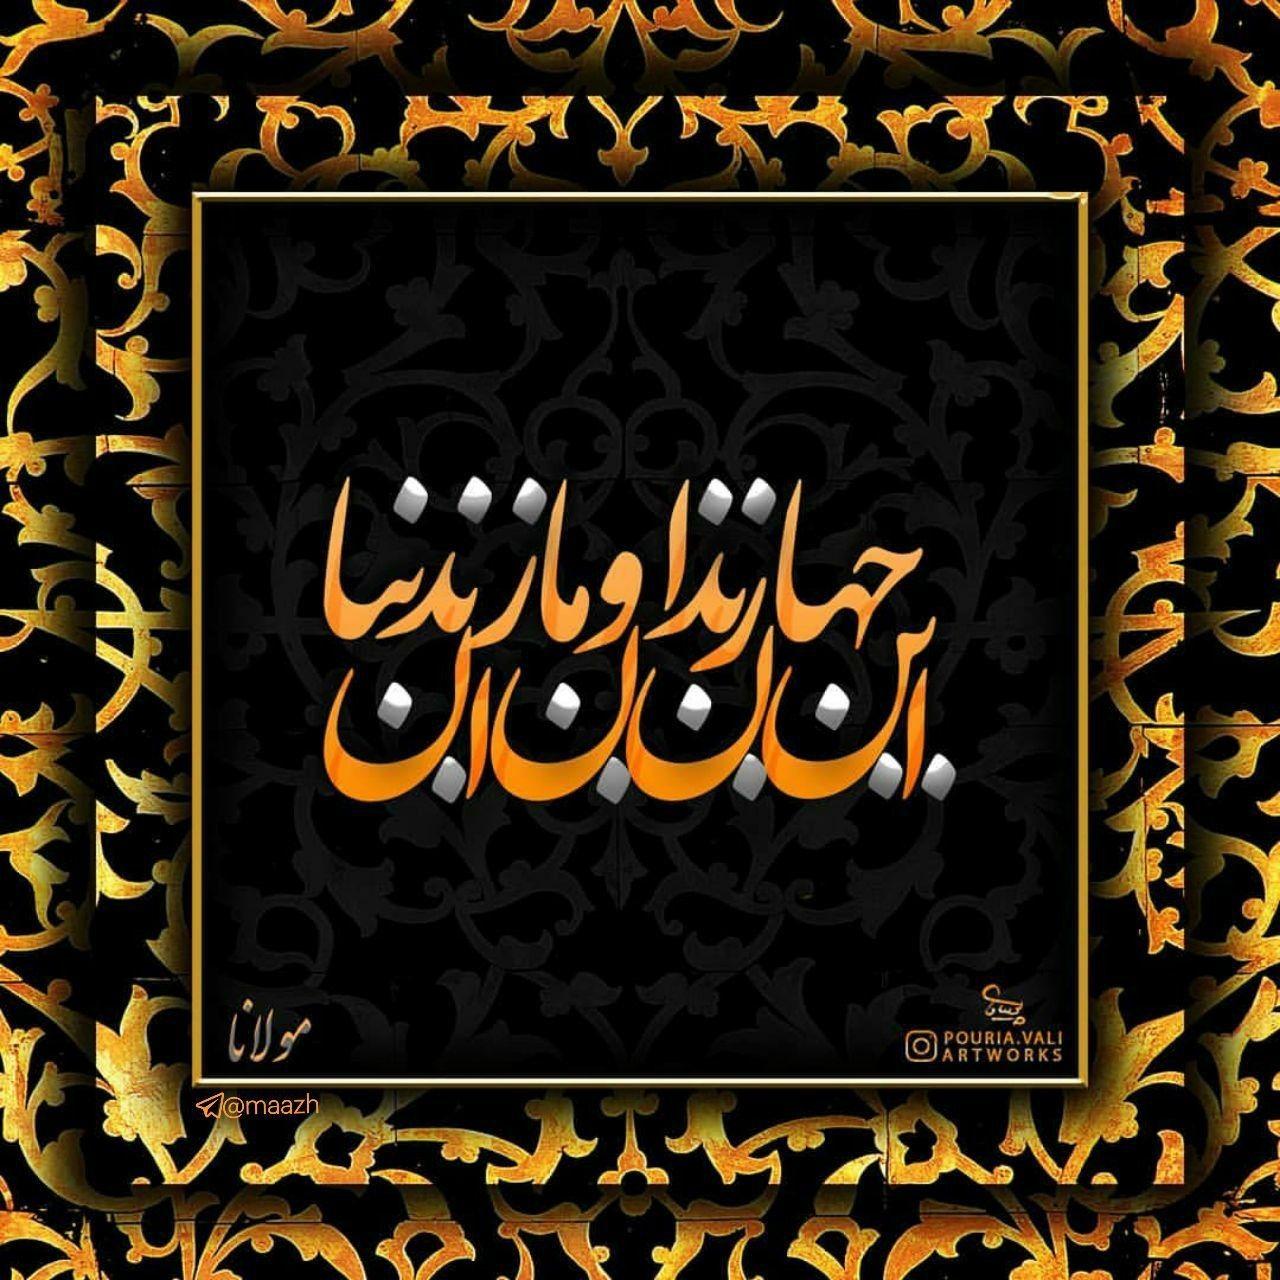 مولانا این جهان زندان و ما زندانیان حفره کن زندان و خود را وا رهان Persian Motifs Superhero Logos Company Logo